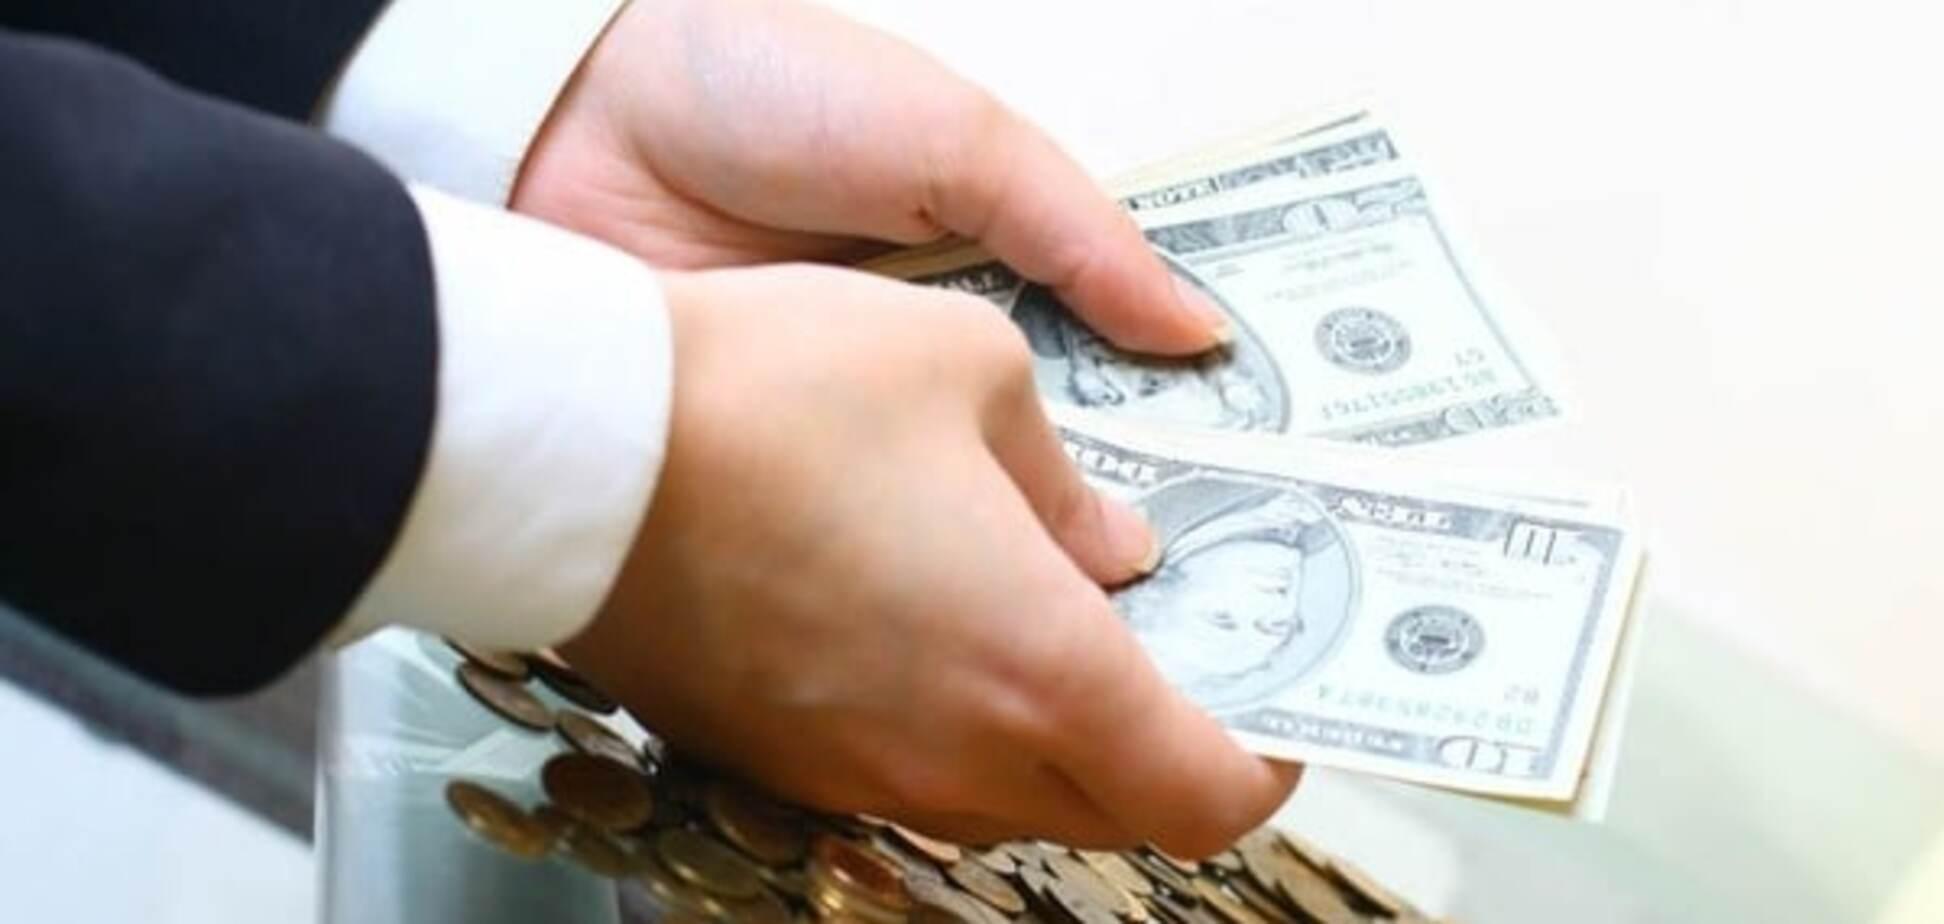 У розшуку і при олігархах: куди поділися топ-менеджери банків-банкрутів